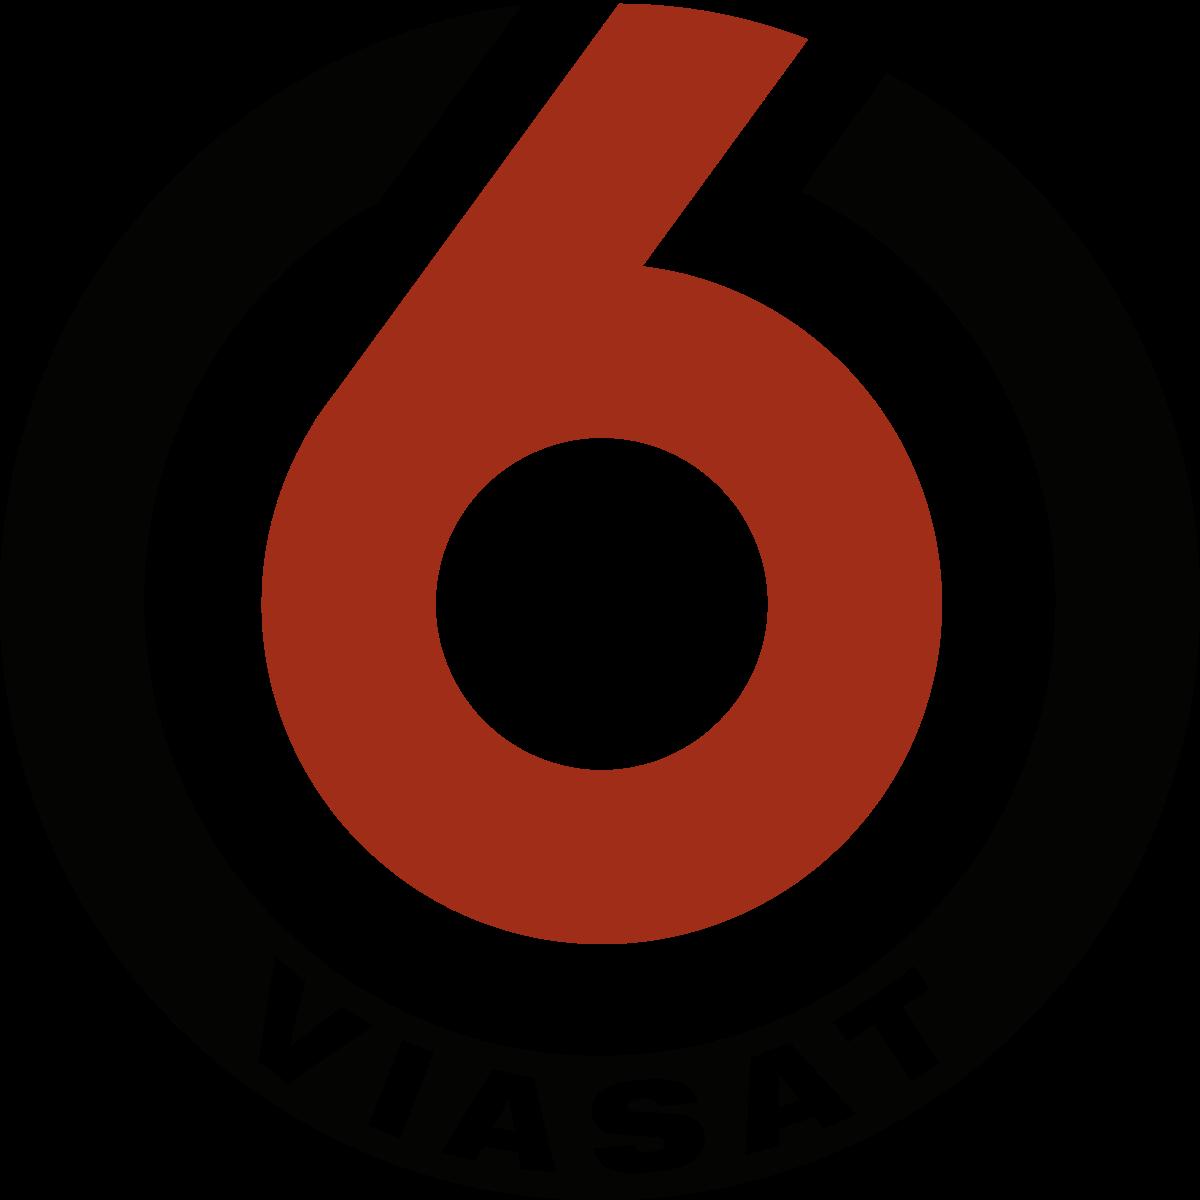 Viasat 6.